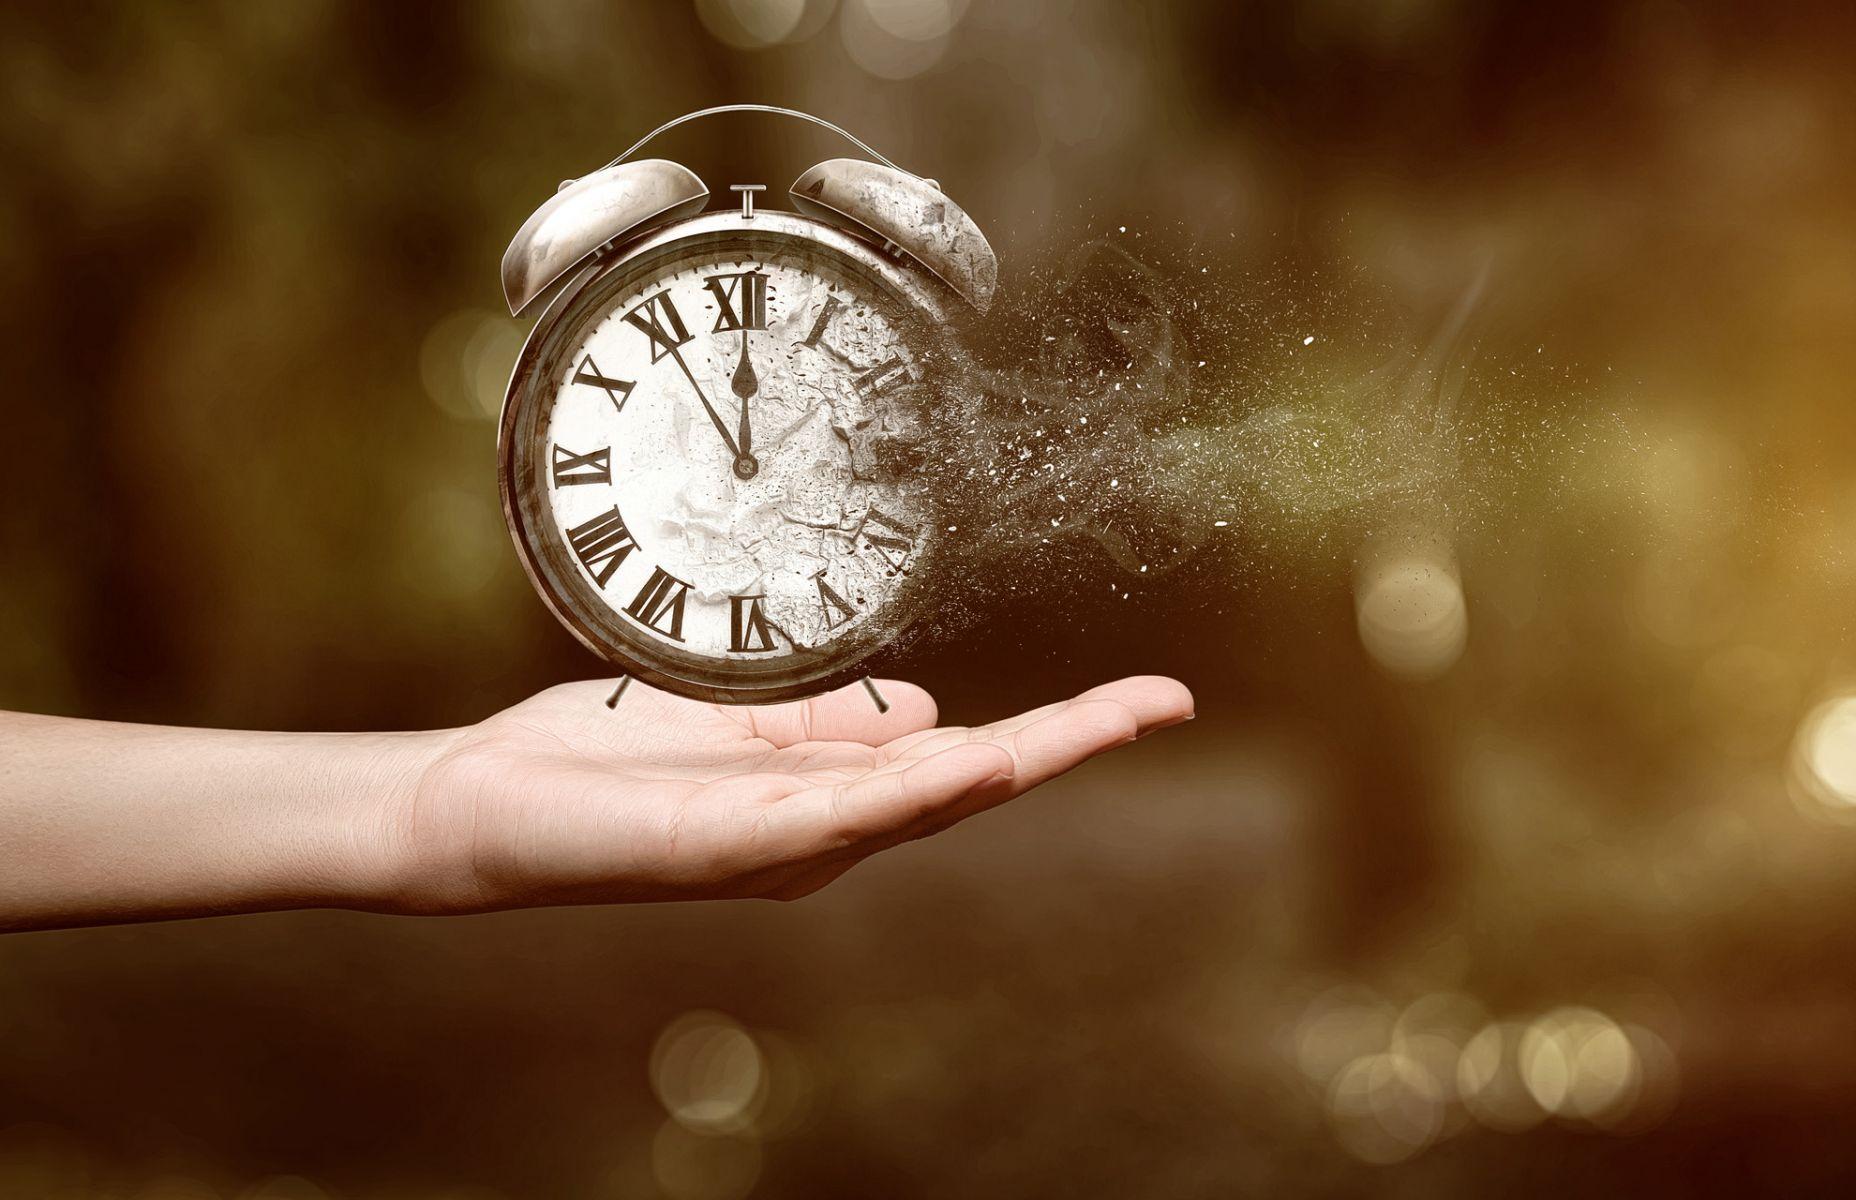 為什麼每天只工作3小時,效率卻可以更高?